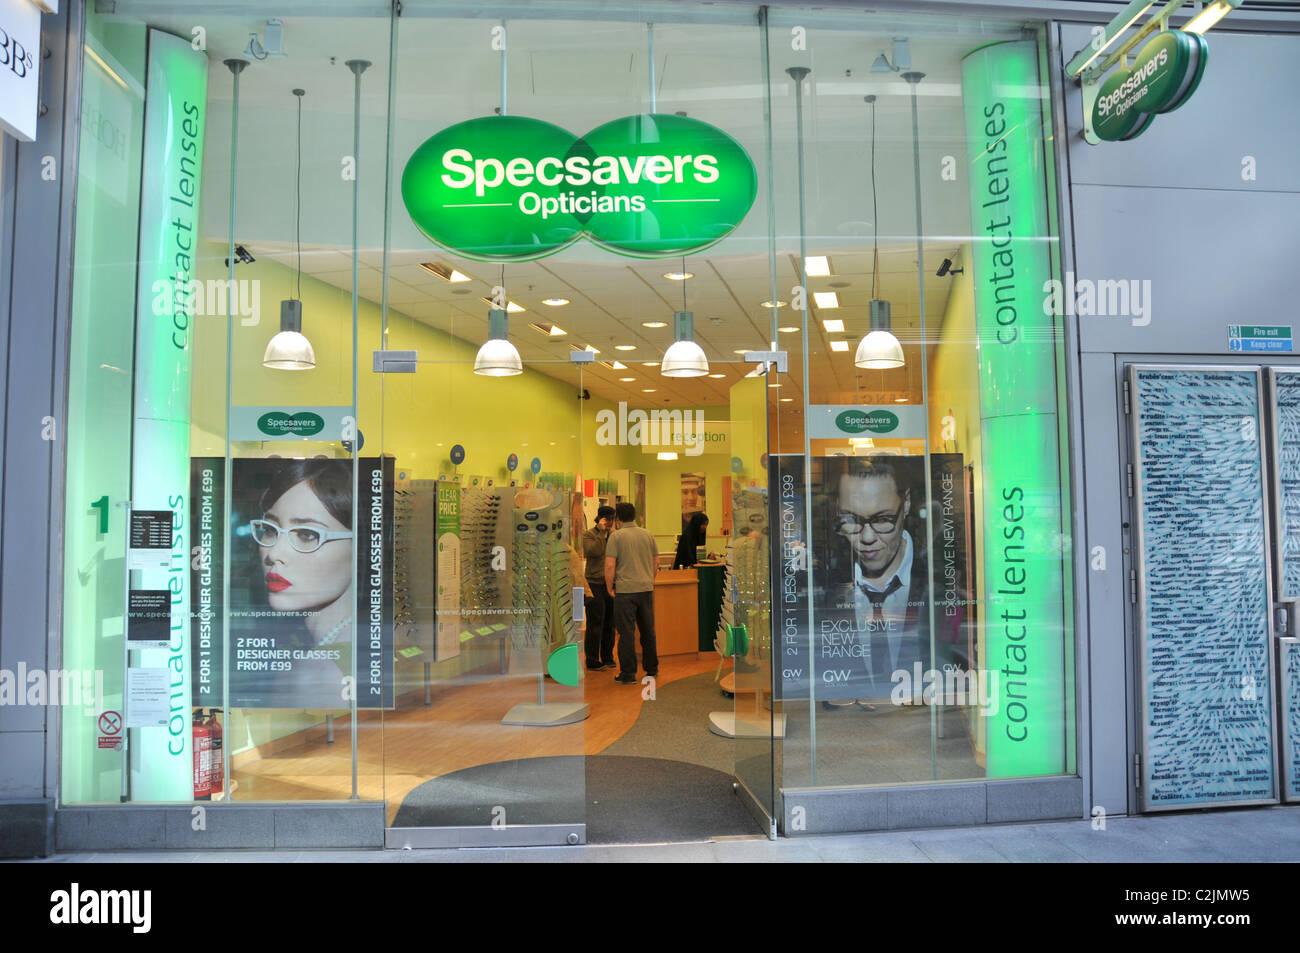 05ee41d145c5 Specsavers Optiker Brille Auge Test Gläser Sehvermögen kurz gesichtet  weitsichtigste